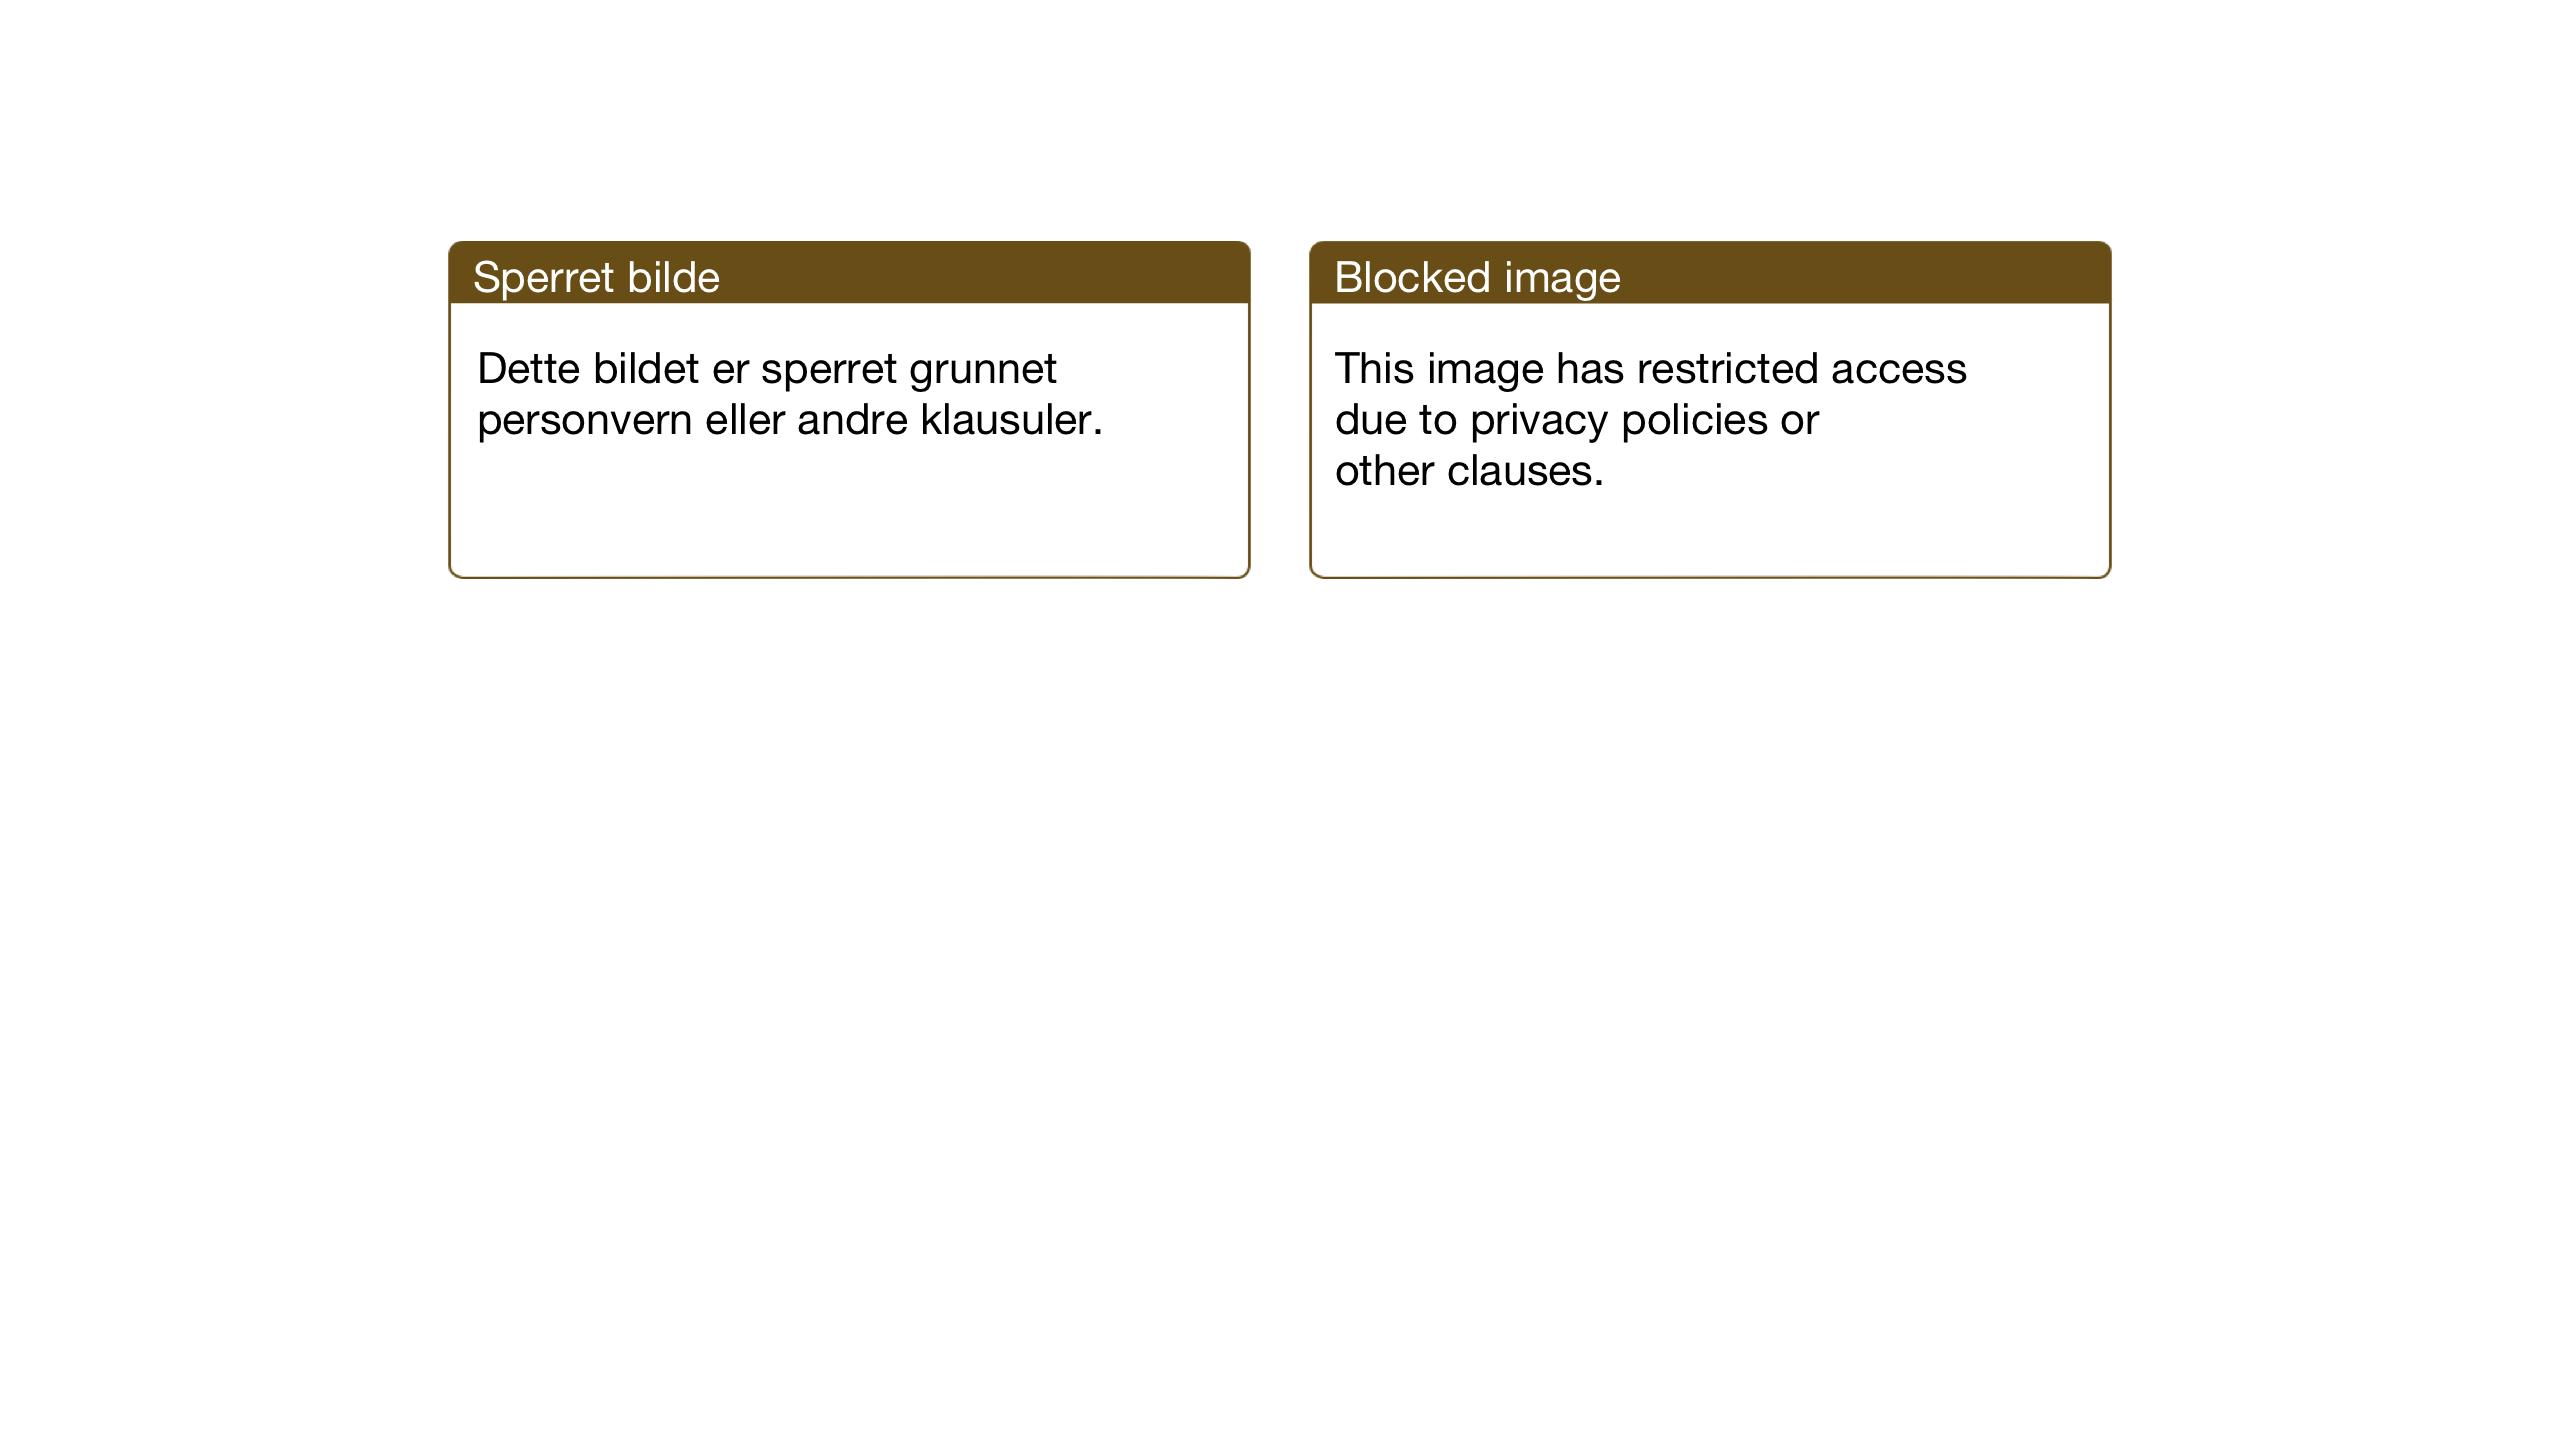 SAT, Ministerialprotokoller, klokkerbøker og fødselsregistre - Sør-Trøndelag, 655/L0690: Klokkerbok nr. 655C06, 1937-1950, s. 153